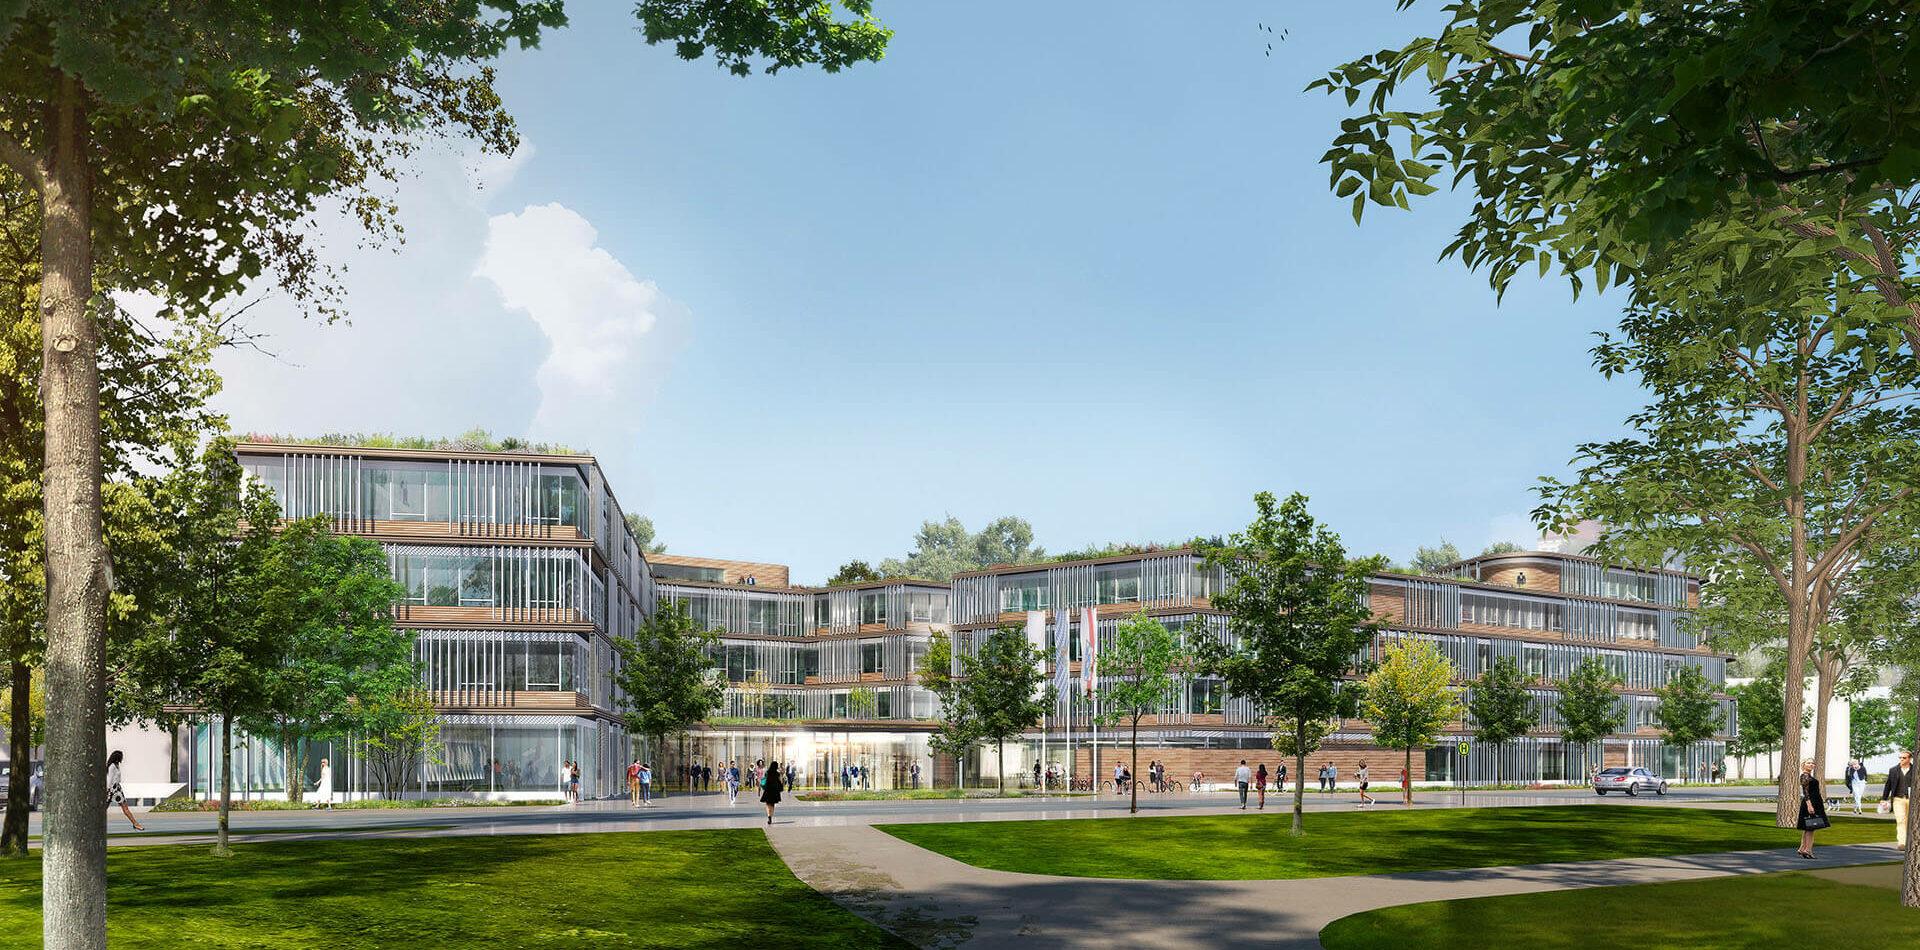 Neubau Landratsamt Dachau Bauen im Bestand Kommunikationszentrum Rendering Ansicht